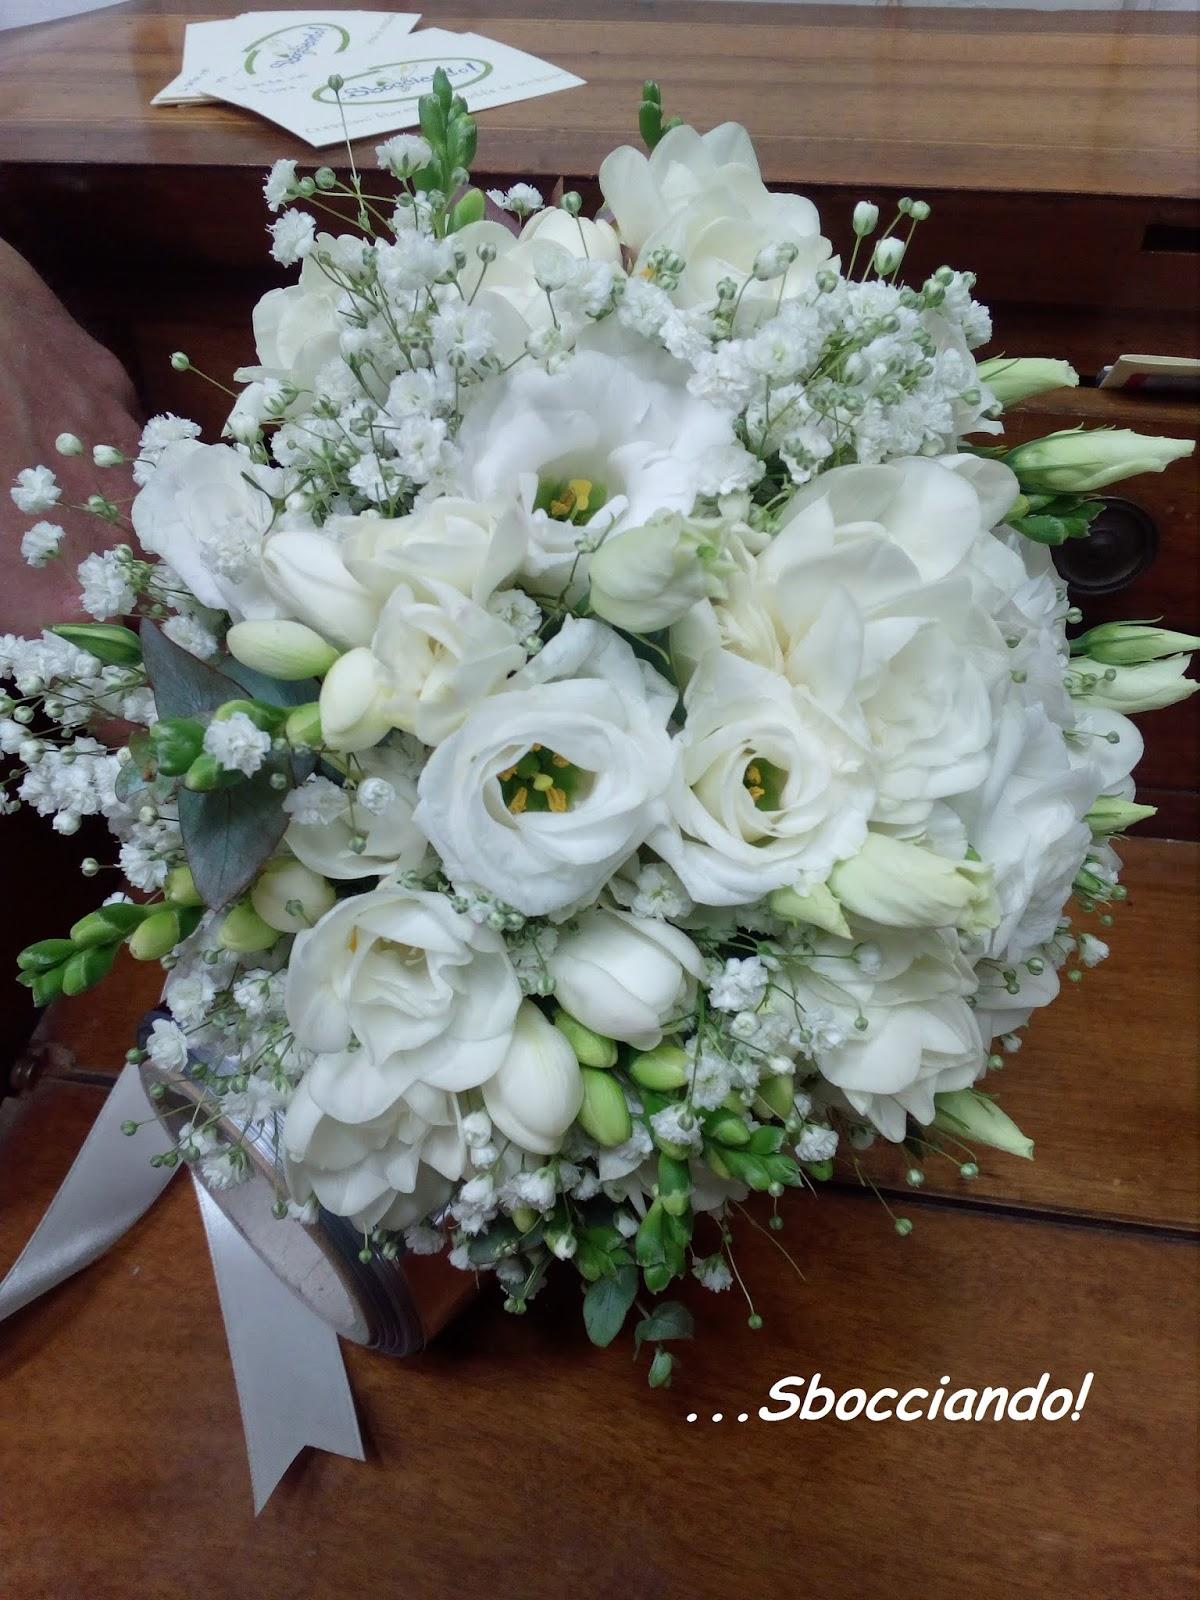 Bouquet Sposa Lisianthus.Sbocciando Bouquet Da Sposa